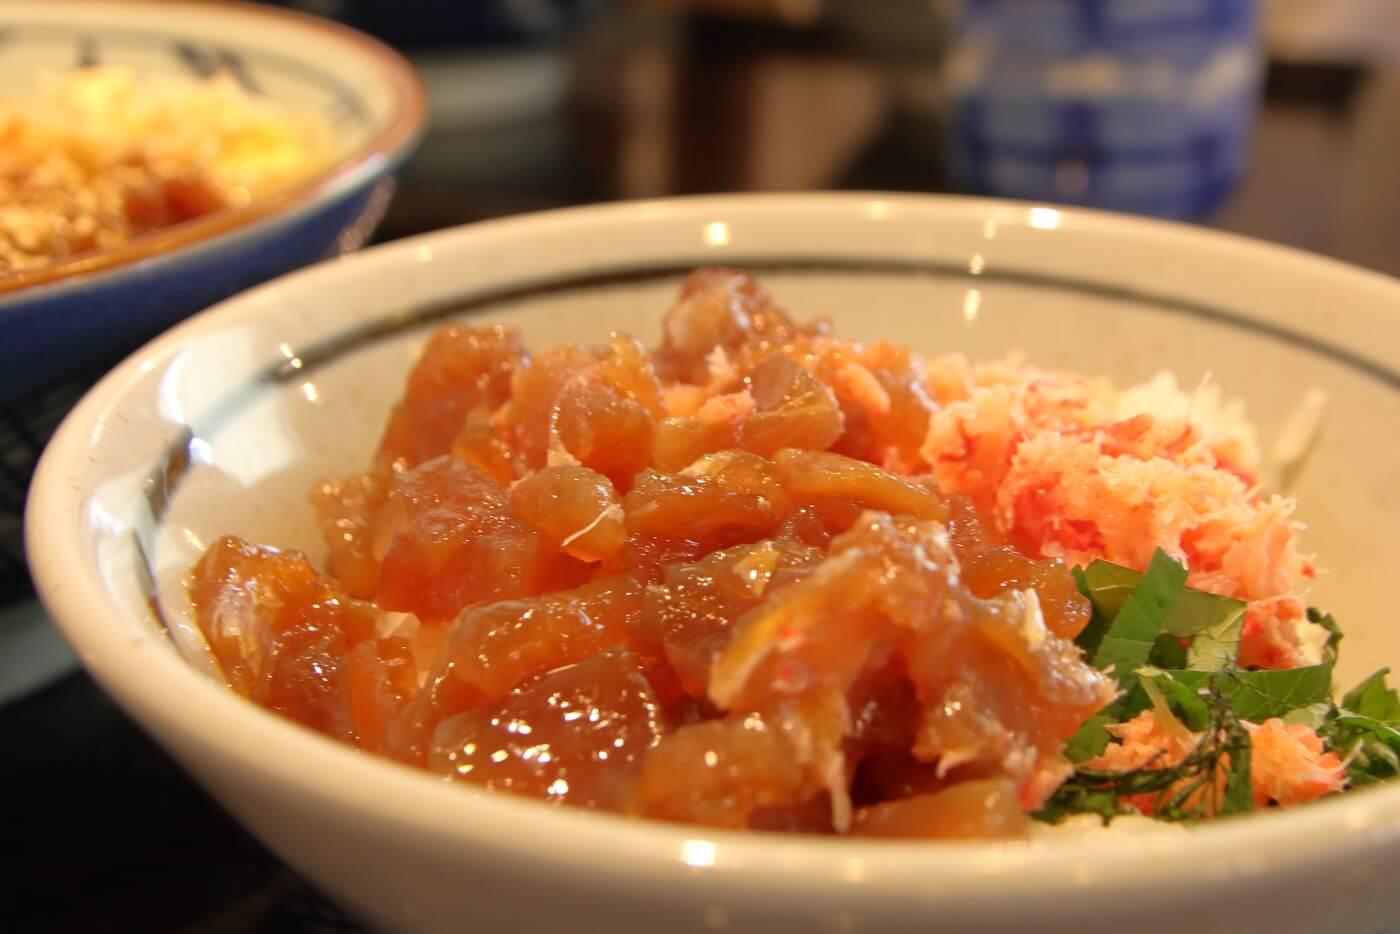 丸亀製麺 海鮮のっけ丼 かにまぐろ